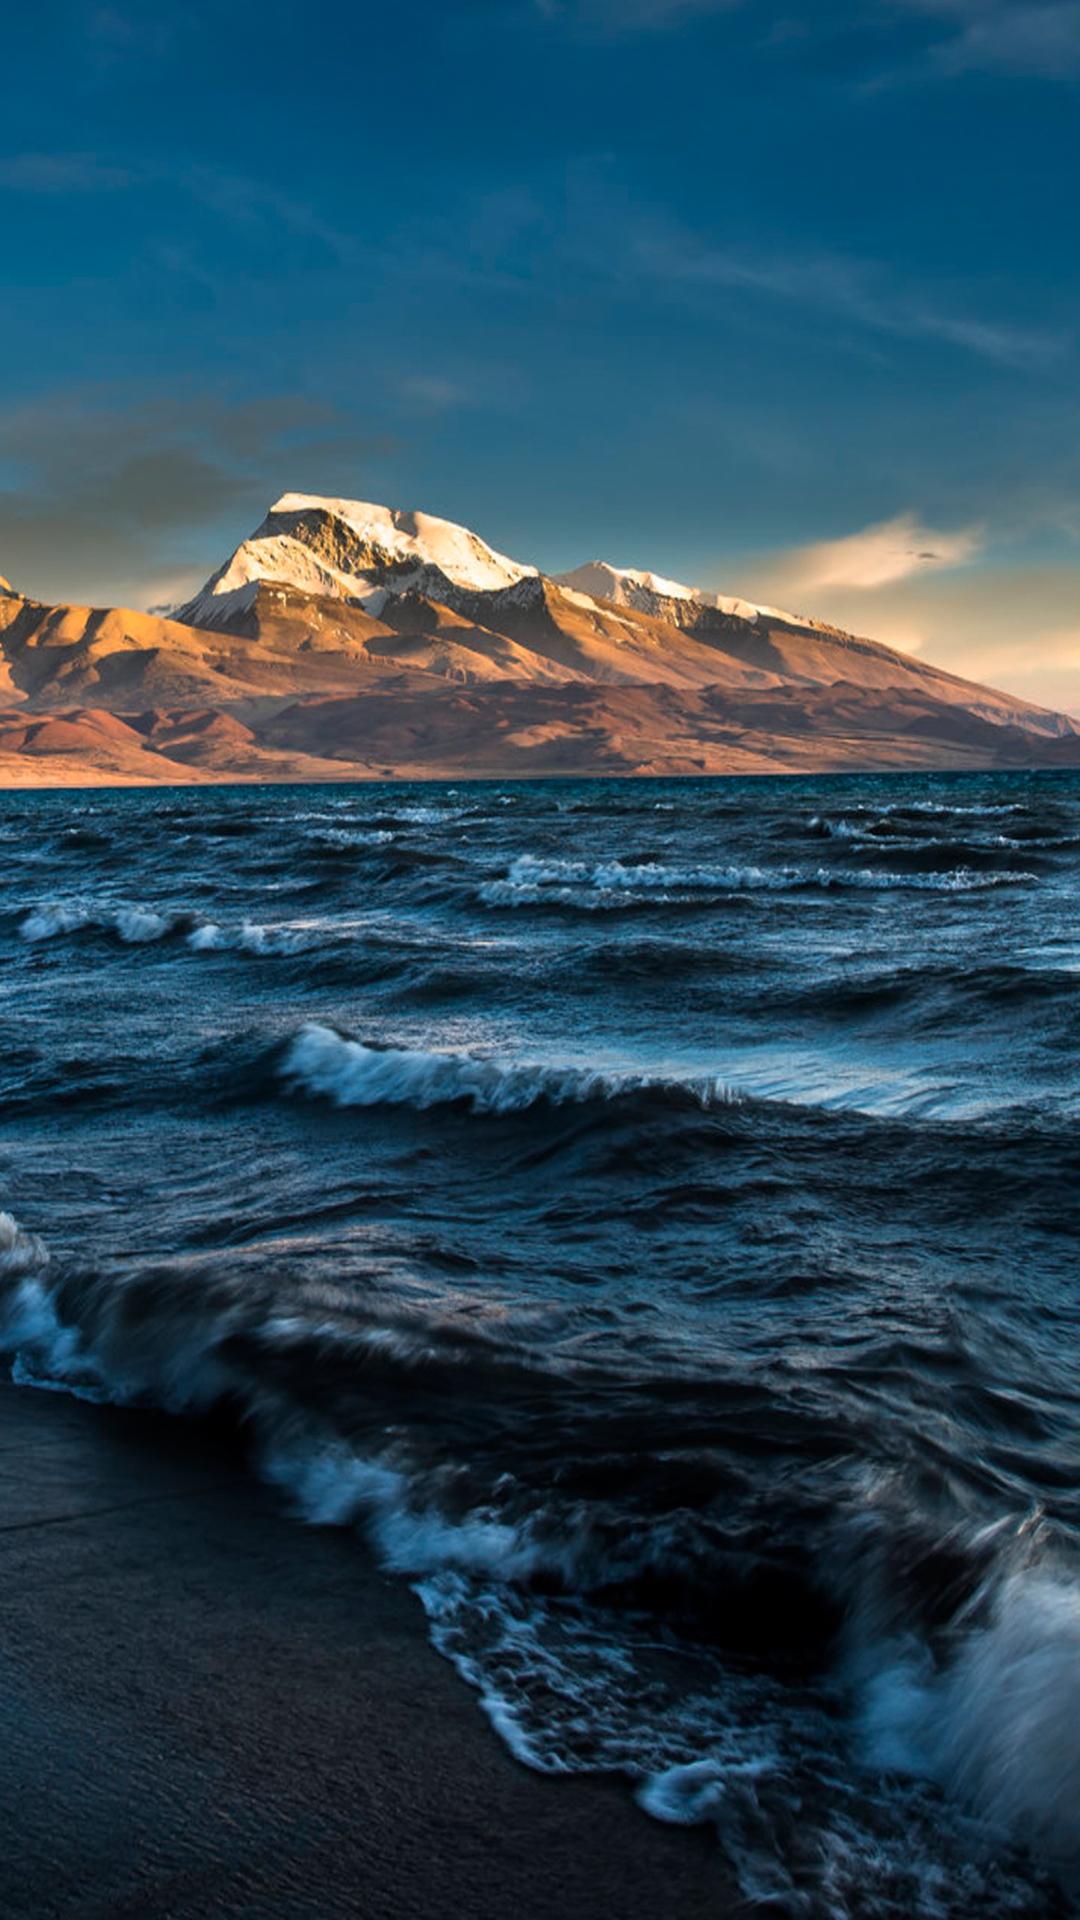 海浪 雪山 天空 大海 苹果手机高清壁纸 1080x1920